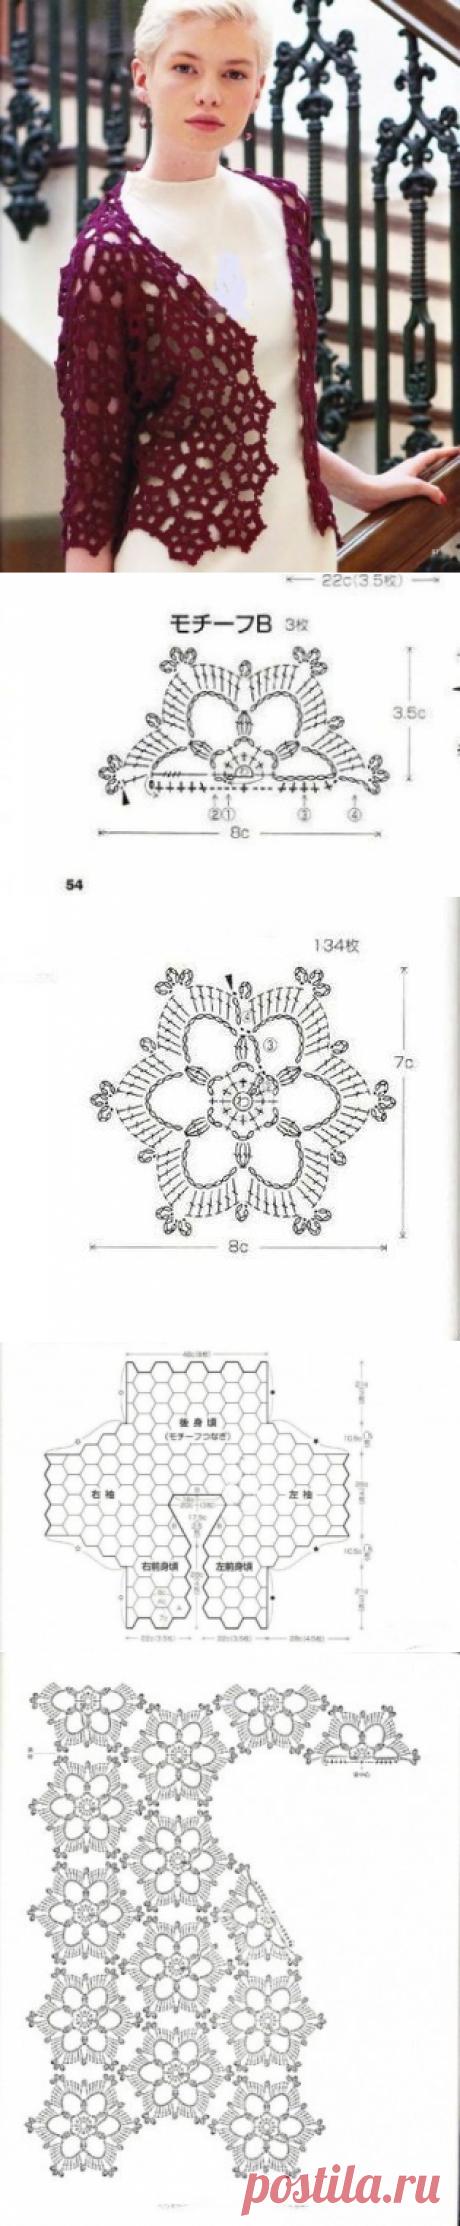 Элегантный жакет с рукавом в три четверти крючком - фото, схема вязания, инструкция